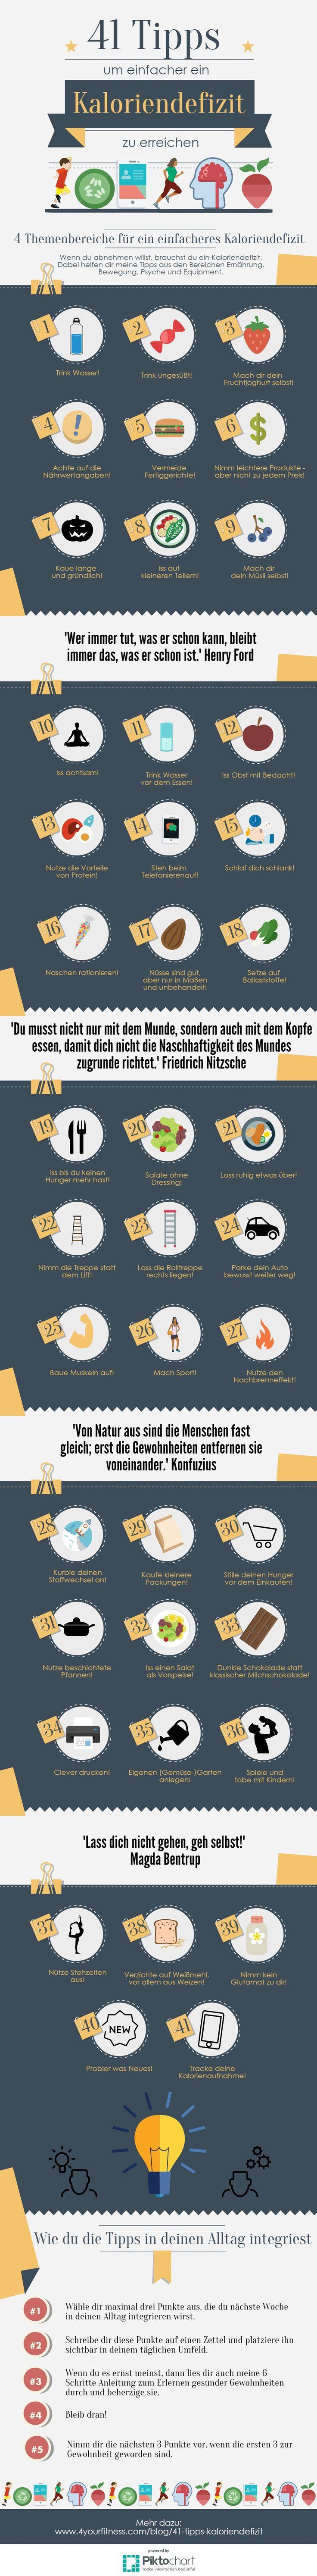 Die 41 besten Tipps um ein Kaloriendefizit zu erreichen – girlwithacake